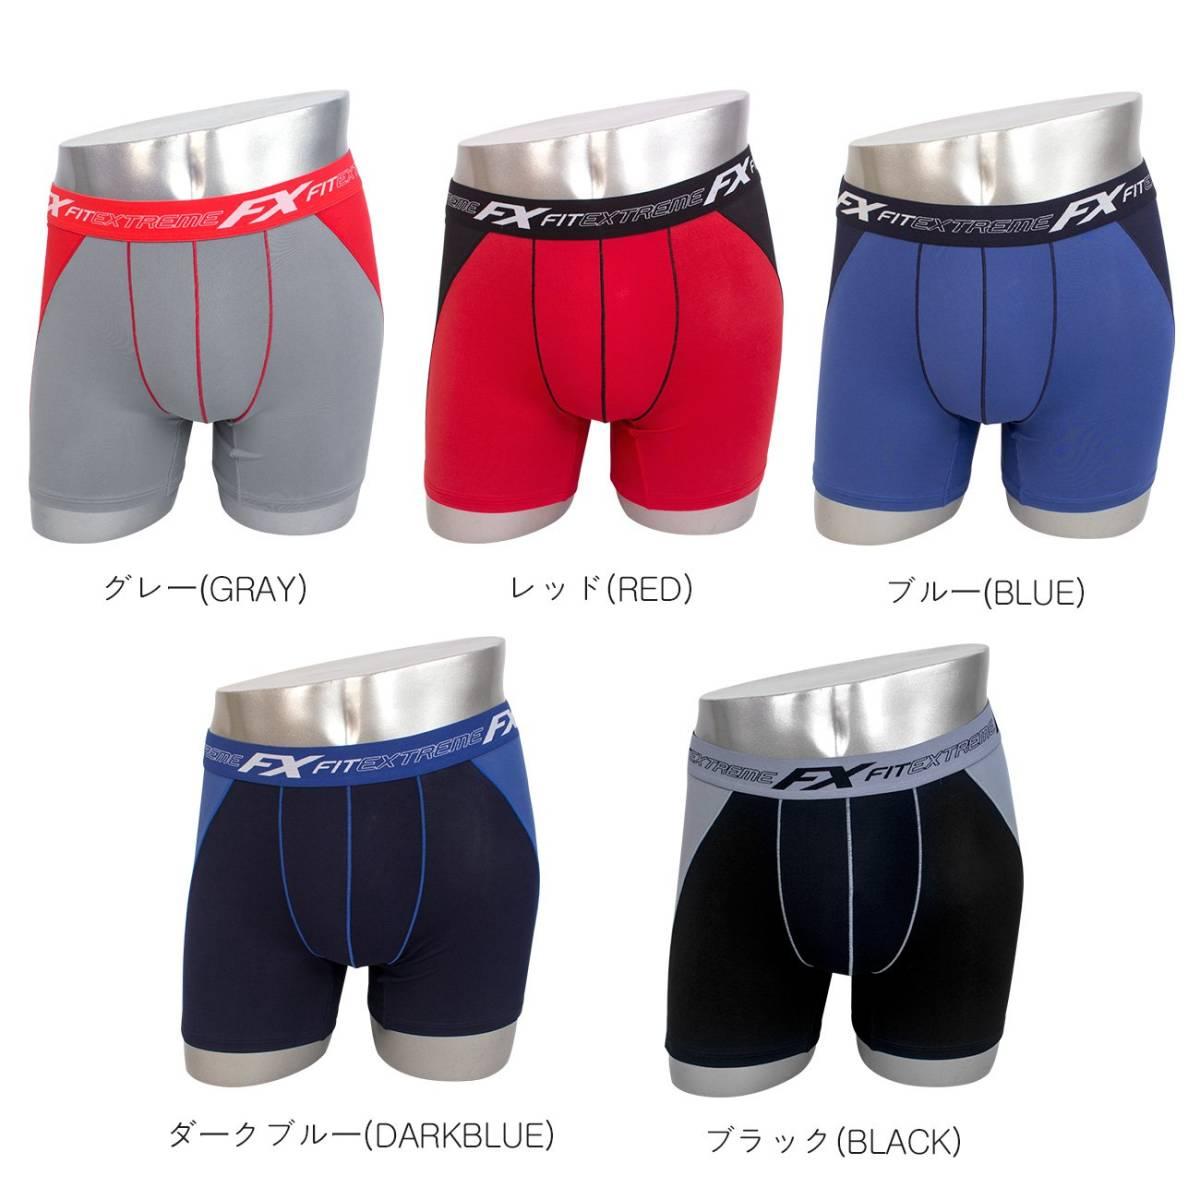 【未使用】フィットエックス FITEX 通気 メッシュ 立体 5枚組 ボクサーパンツ 男性 下着 日本Mサイズ ひ_画像5